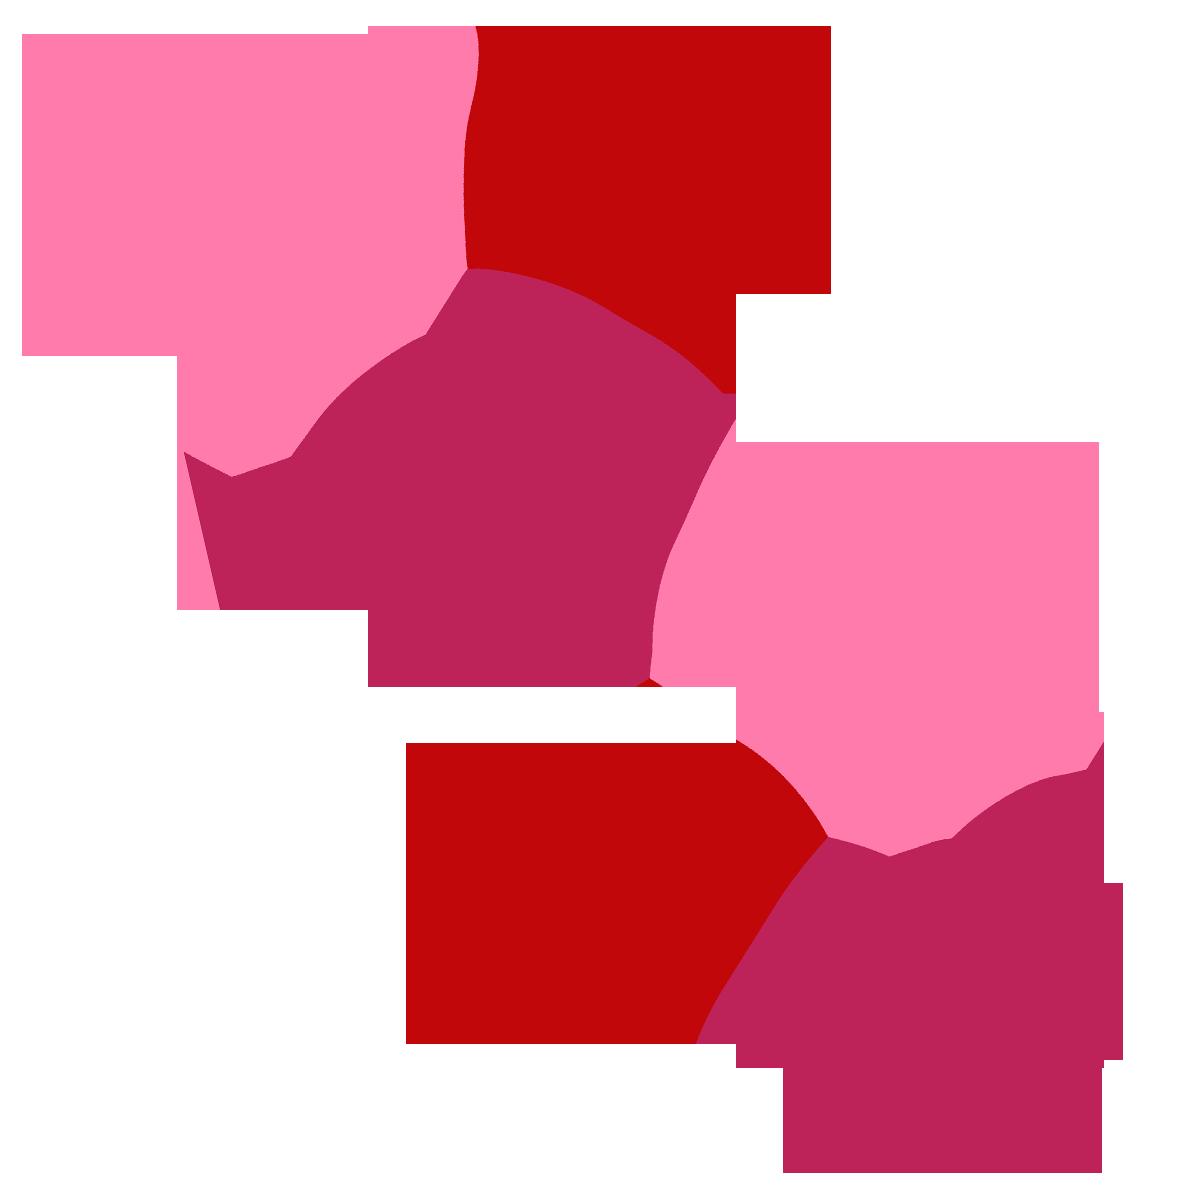 Hearts heart clip art heart image 3-Hearts heart clip art heart image 3-16